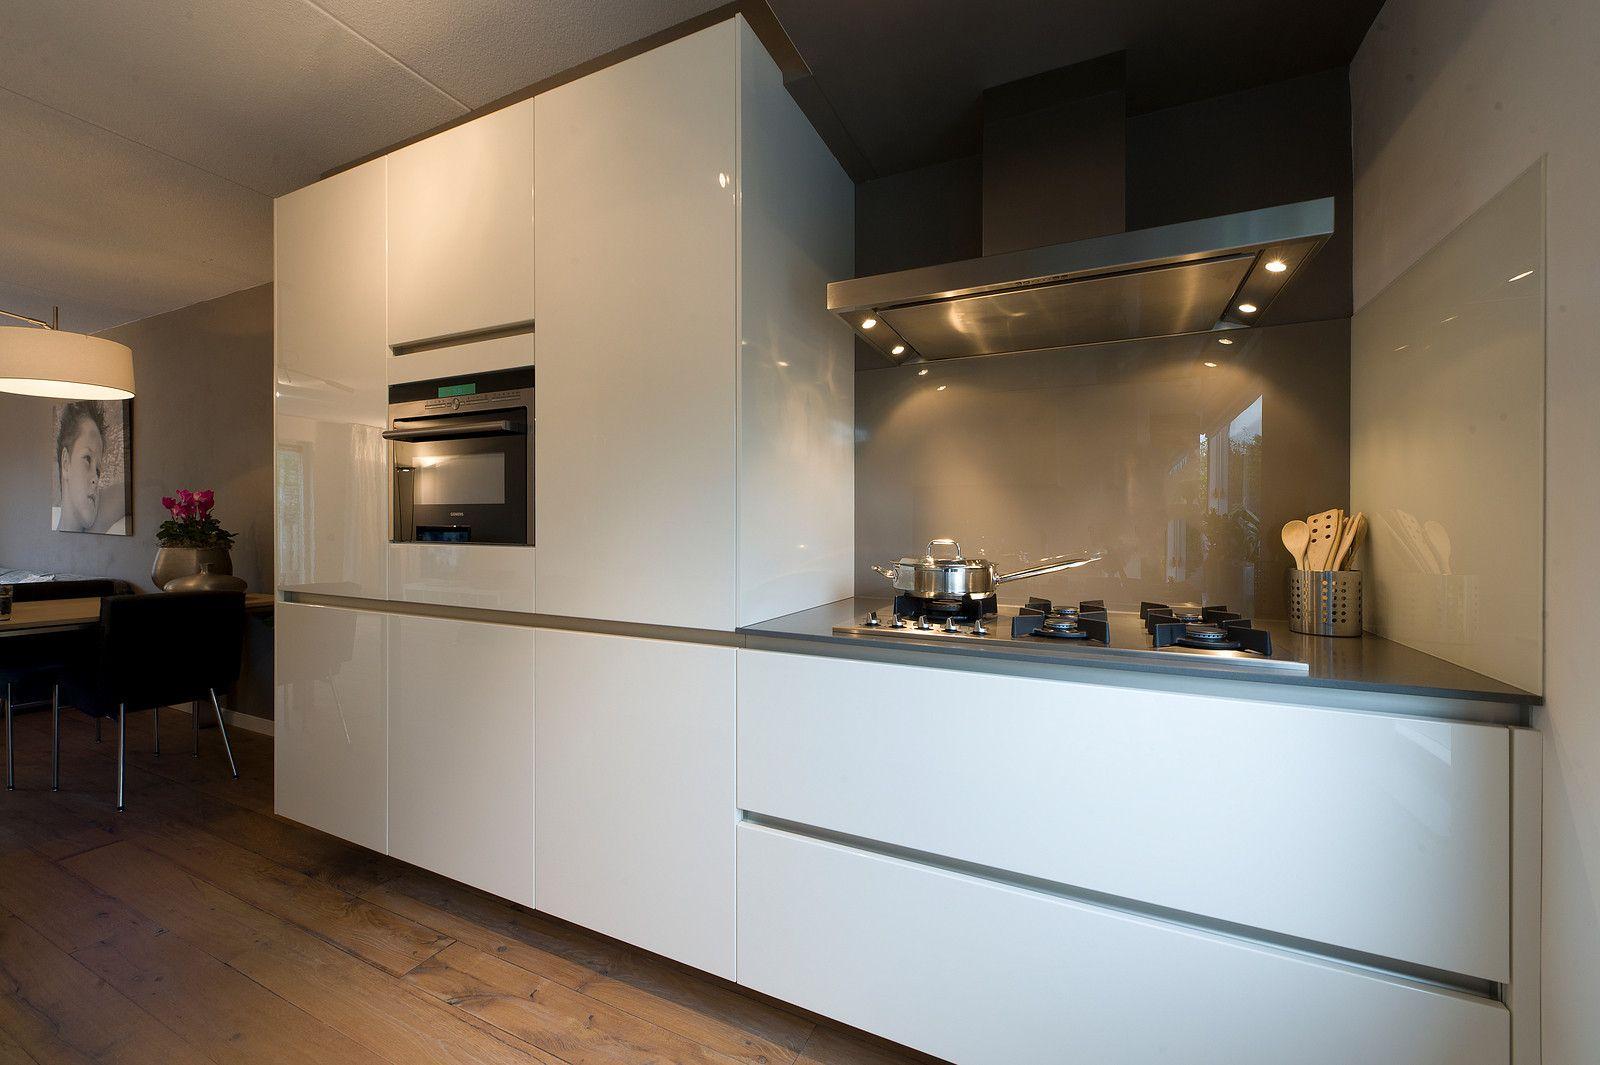 Greeploze Witte Keuken : Greeploze witte hoogglans keuken ideeën voor het huis